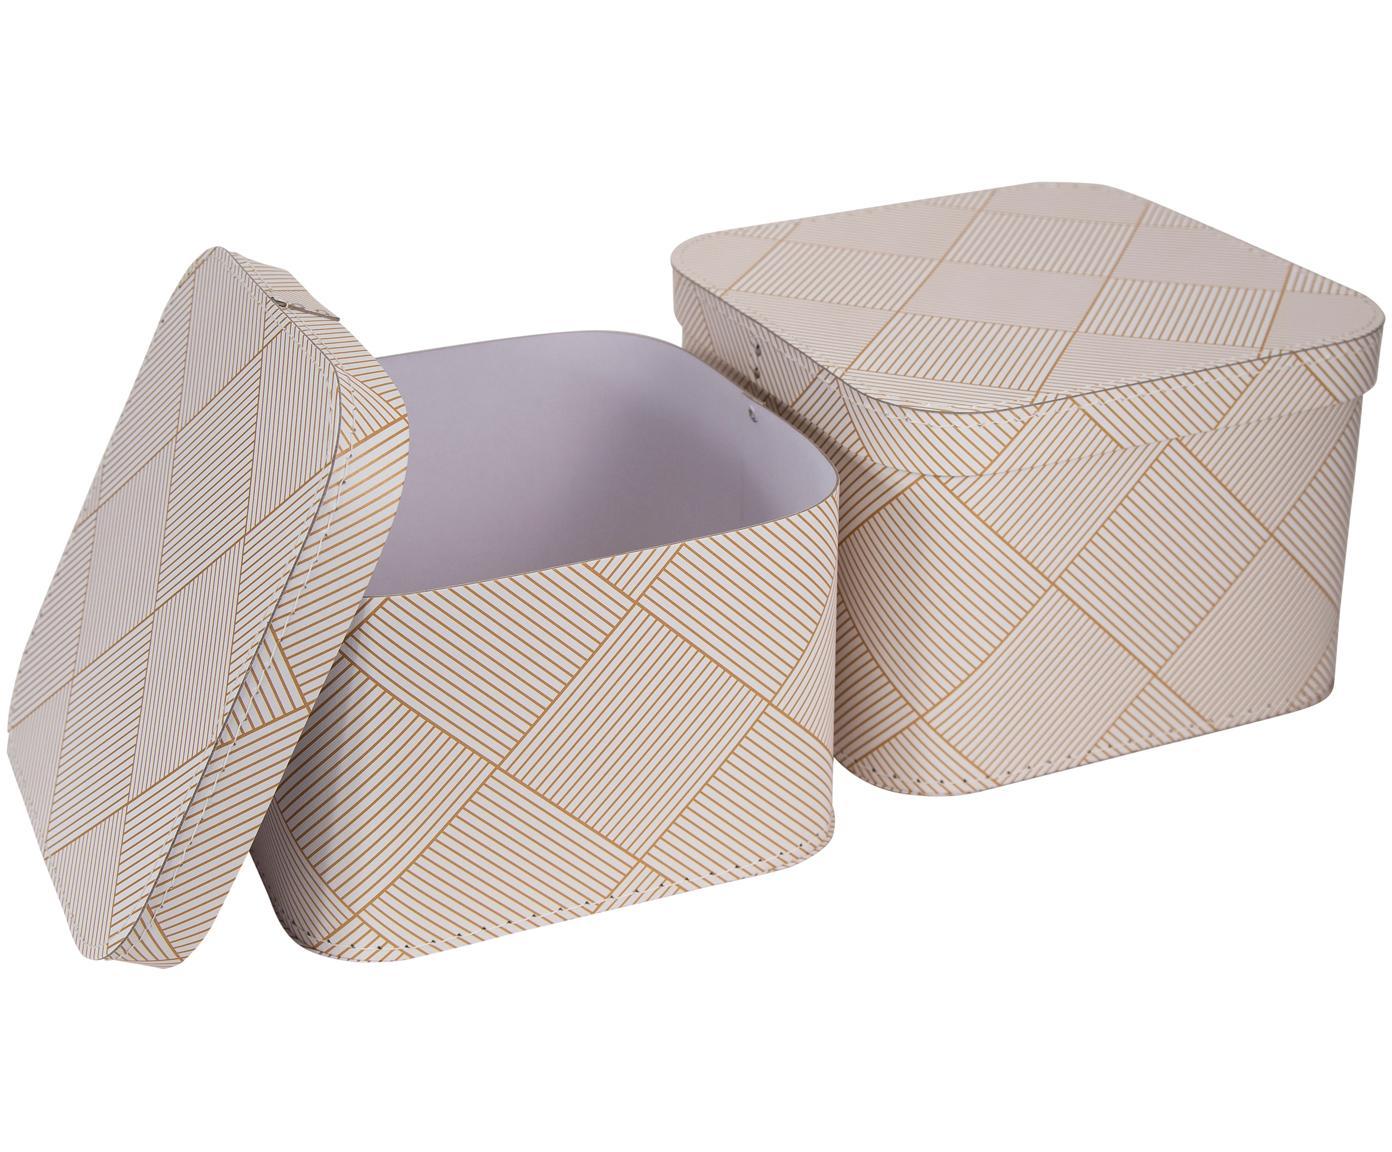 Set 2 scatole Ludvig, Solido, cartone laminato, Dorato, bianco, Diverse dimensioni